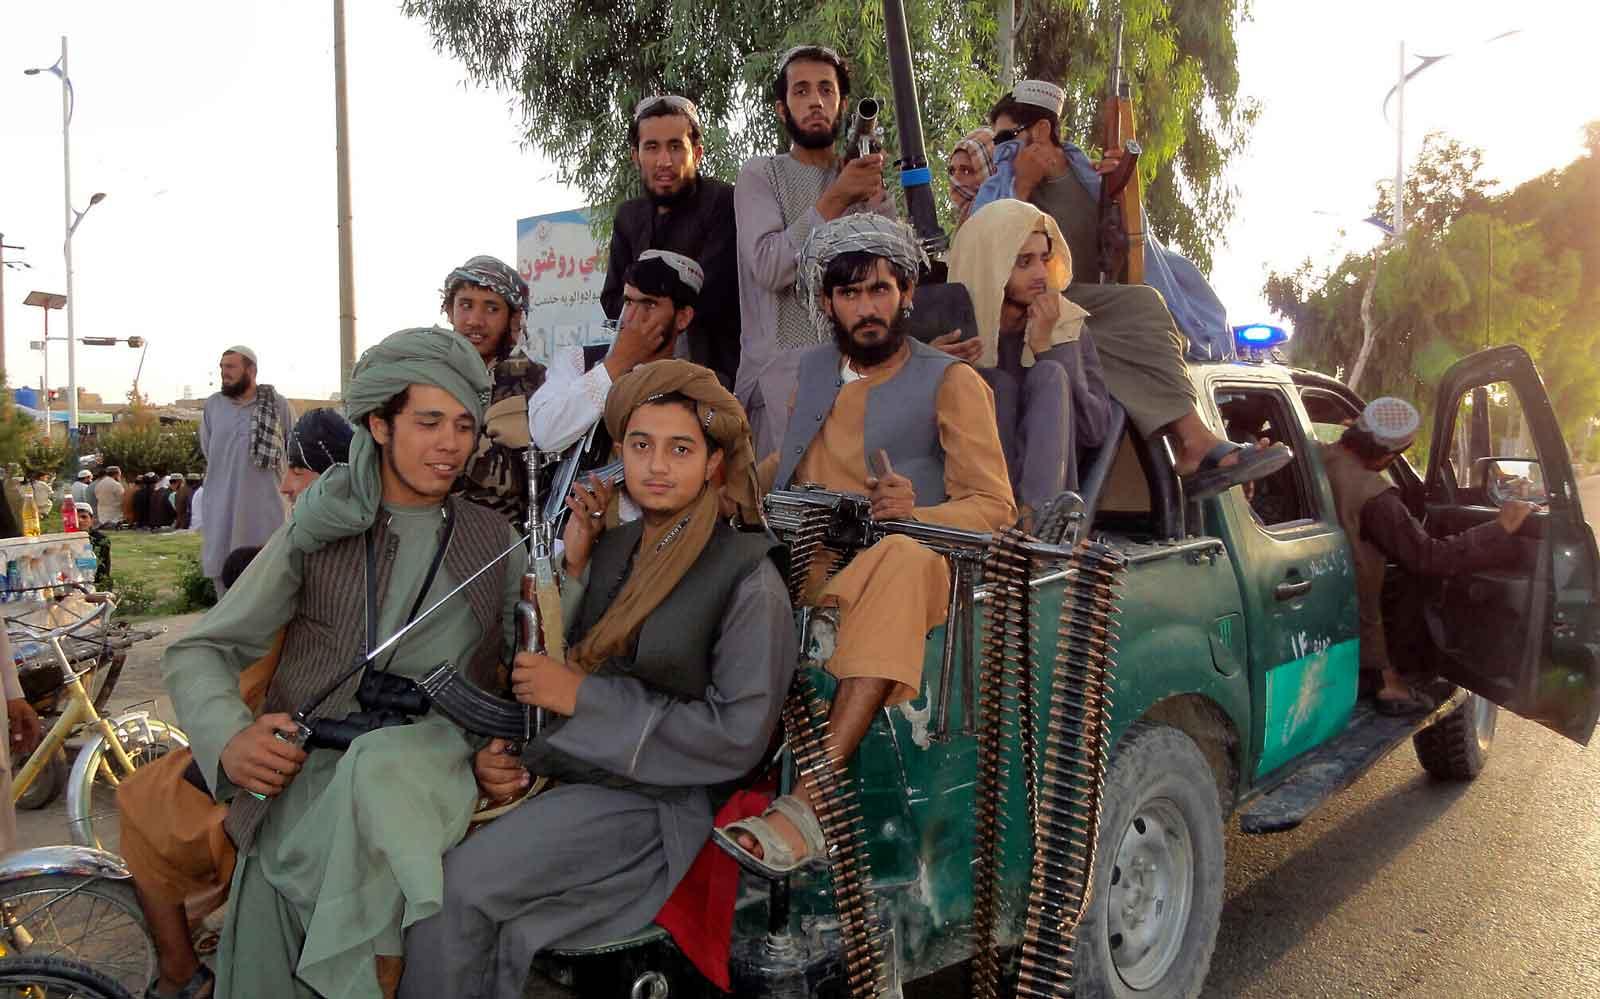 Los afganos temen volver a un brutal régimen islámico bajo el control talibán